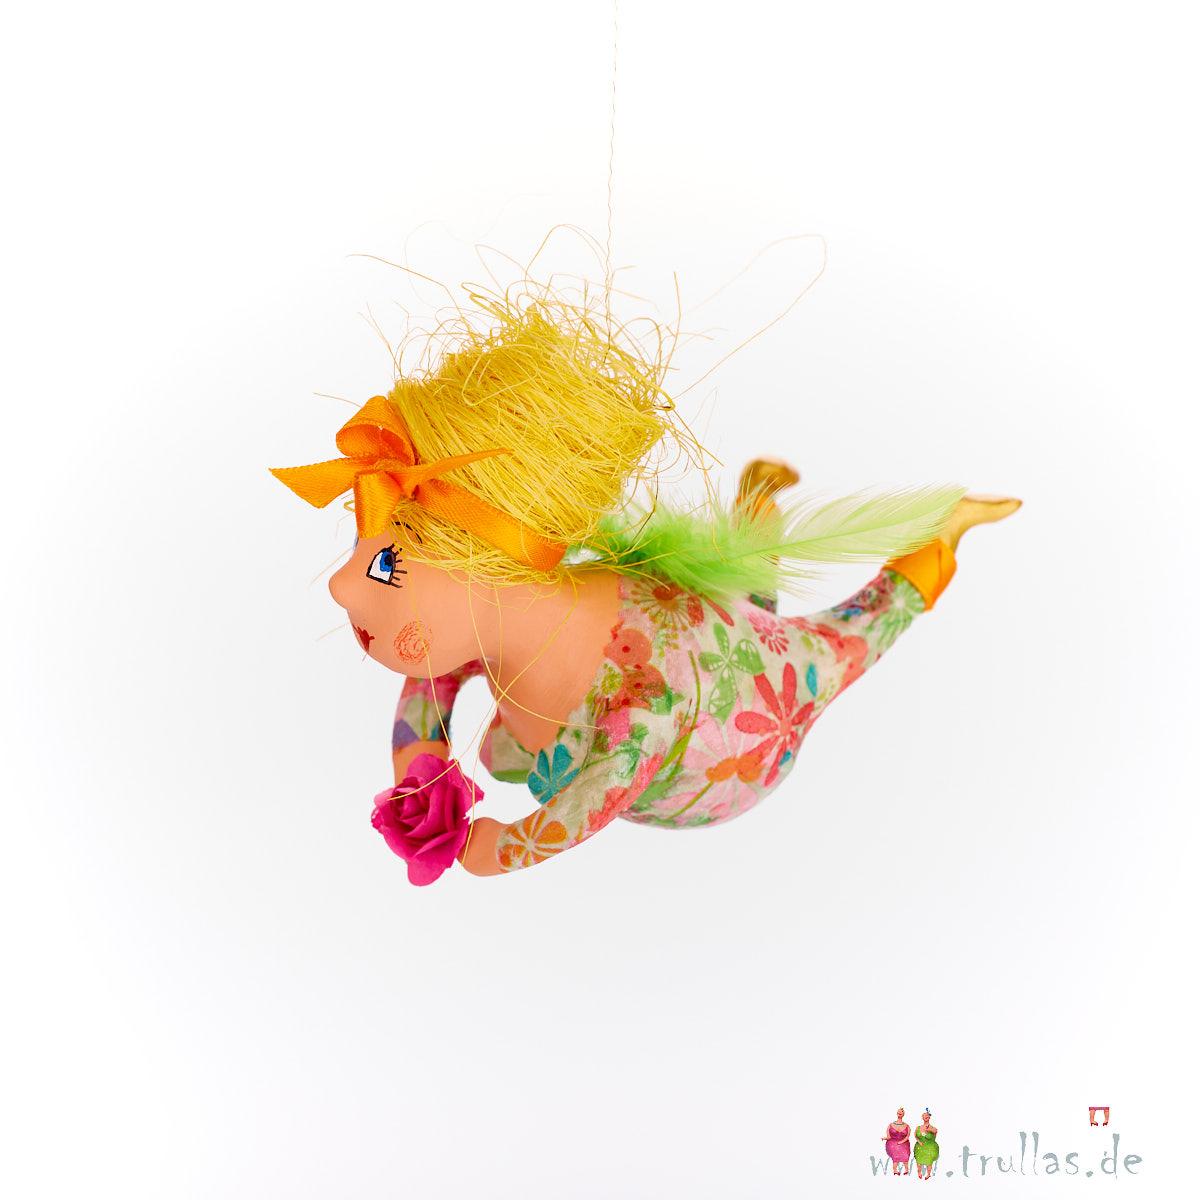 Schutzengelchen - Claudia ist eine handgefertigte Figur aus Pappmachee. Trullas sind Geschenkideen fur Menschen die handgemachte Kunst schätzen.